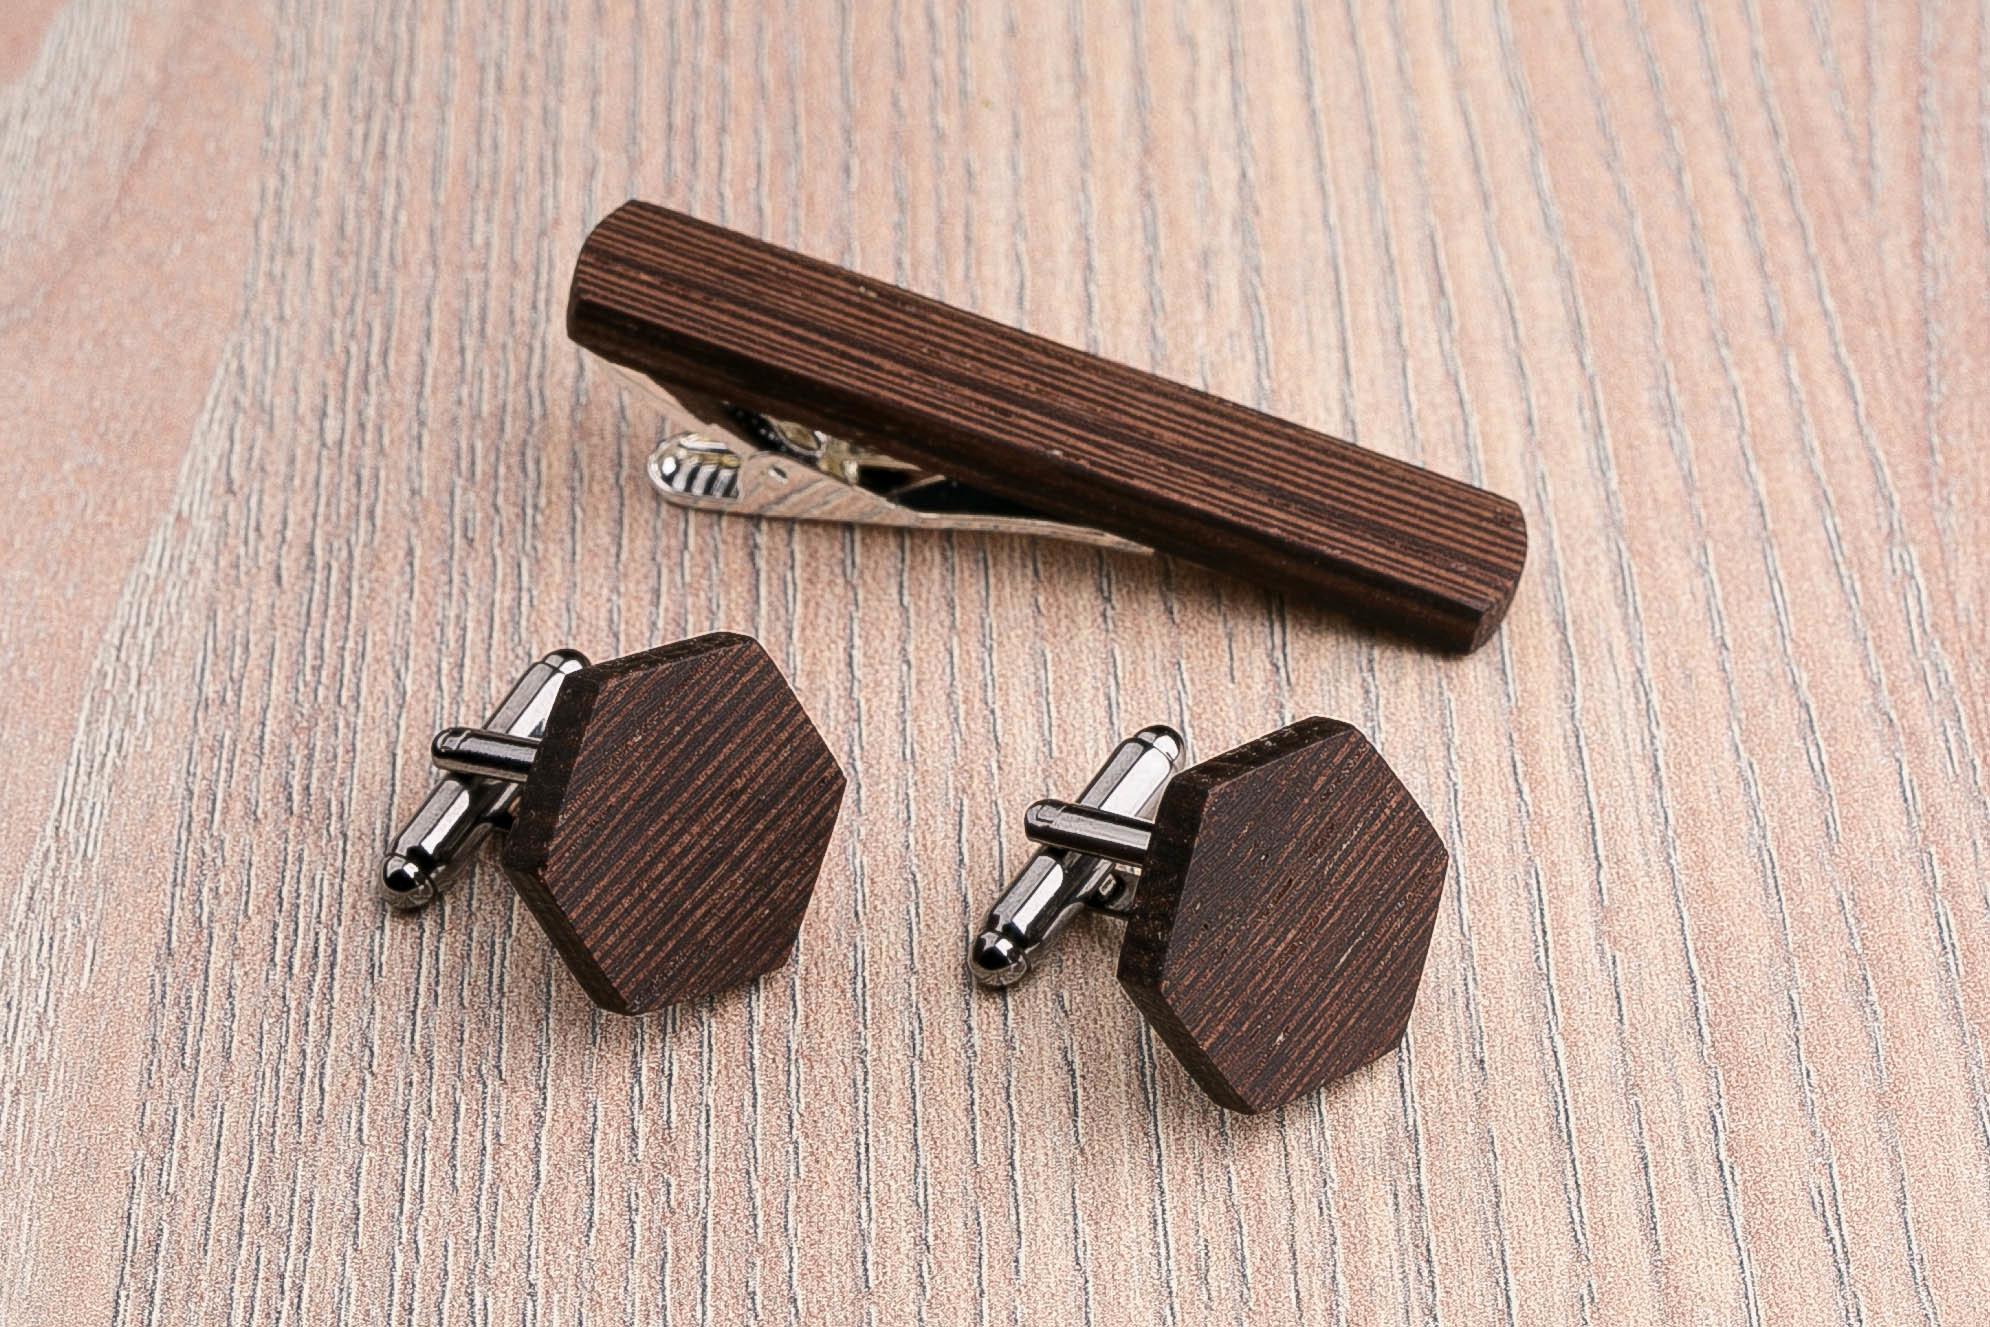 Комплект: Шестигранные запонки из дерева и Деревянный зажим для галстука. Массив венге. Гравировка инициалов. Упаковка в комплекте